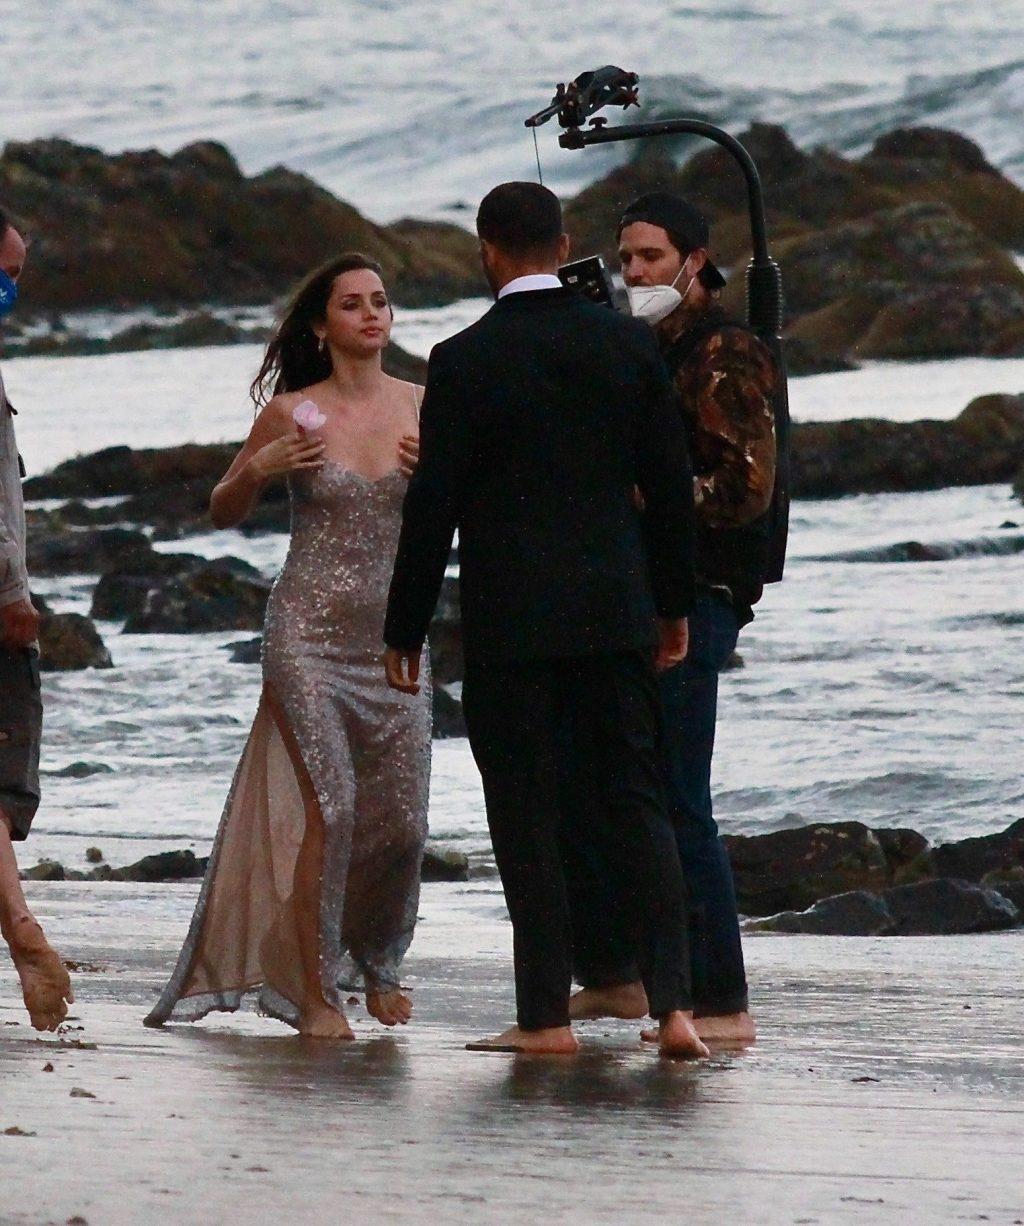 Ana de Armas Shoots a Scene for a Perfume Commercial at the Beach (67 Photos)